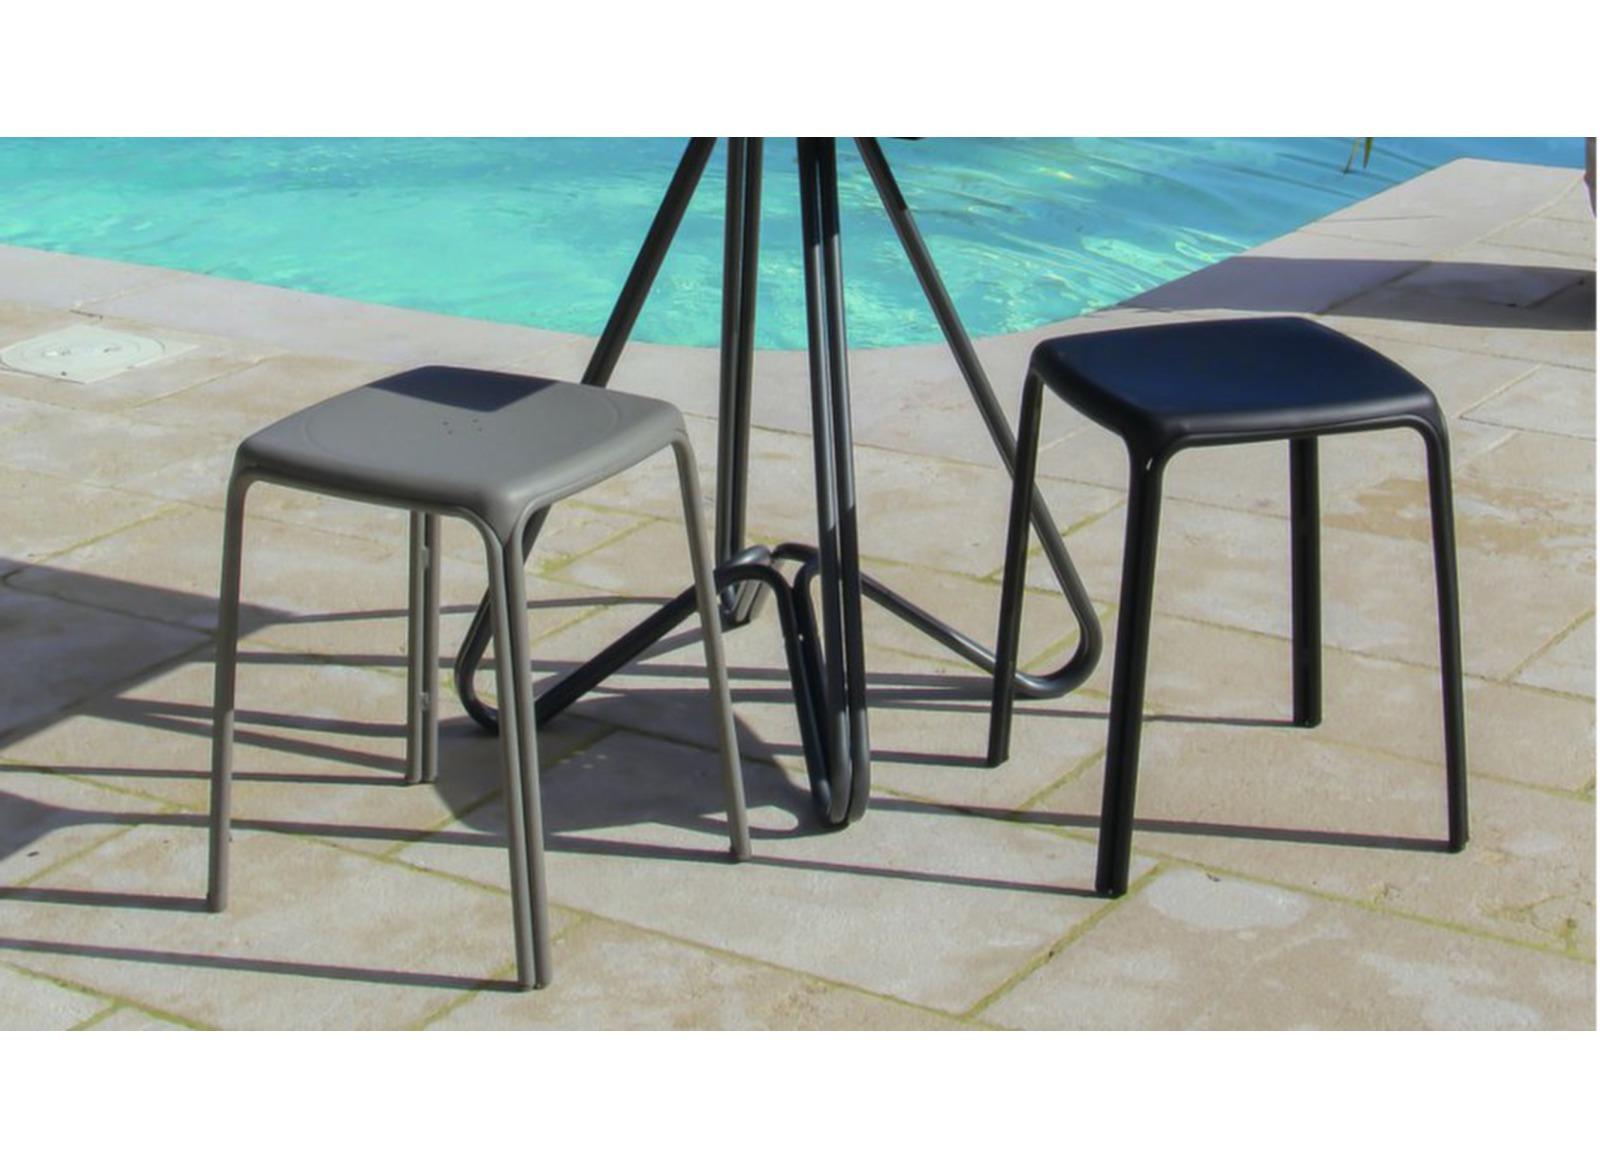 tabouret azuro mobilier de jardin proloisirs. Black Bedroom Furniture Sets. Home Design Ideas